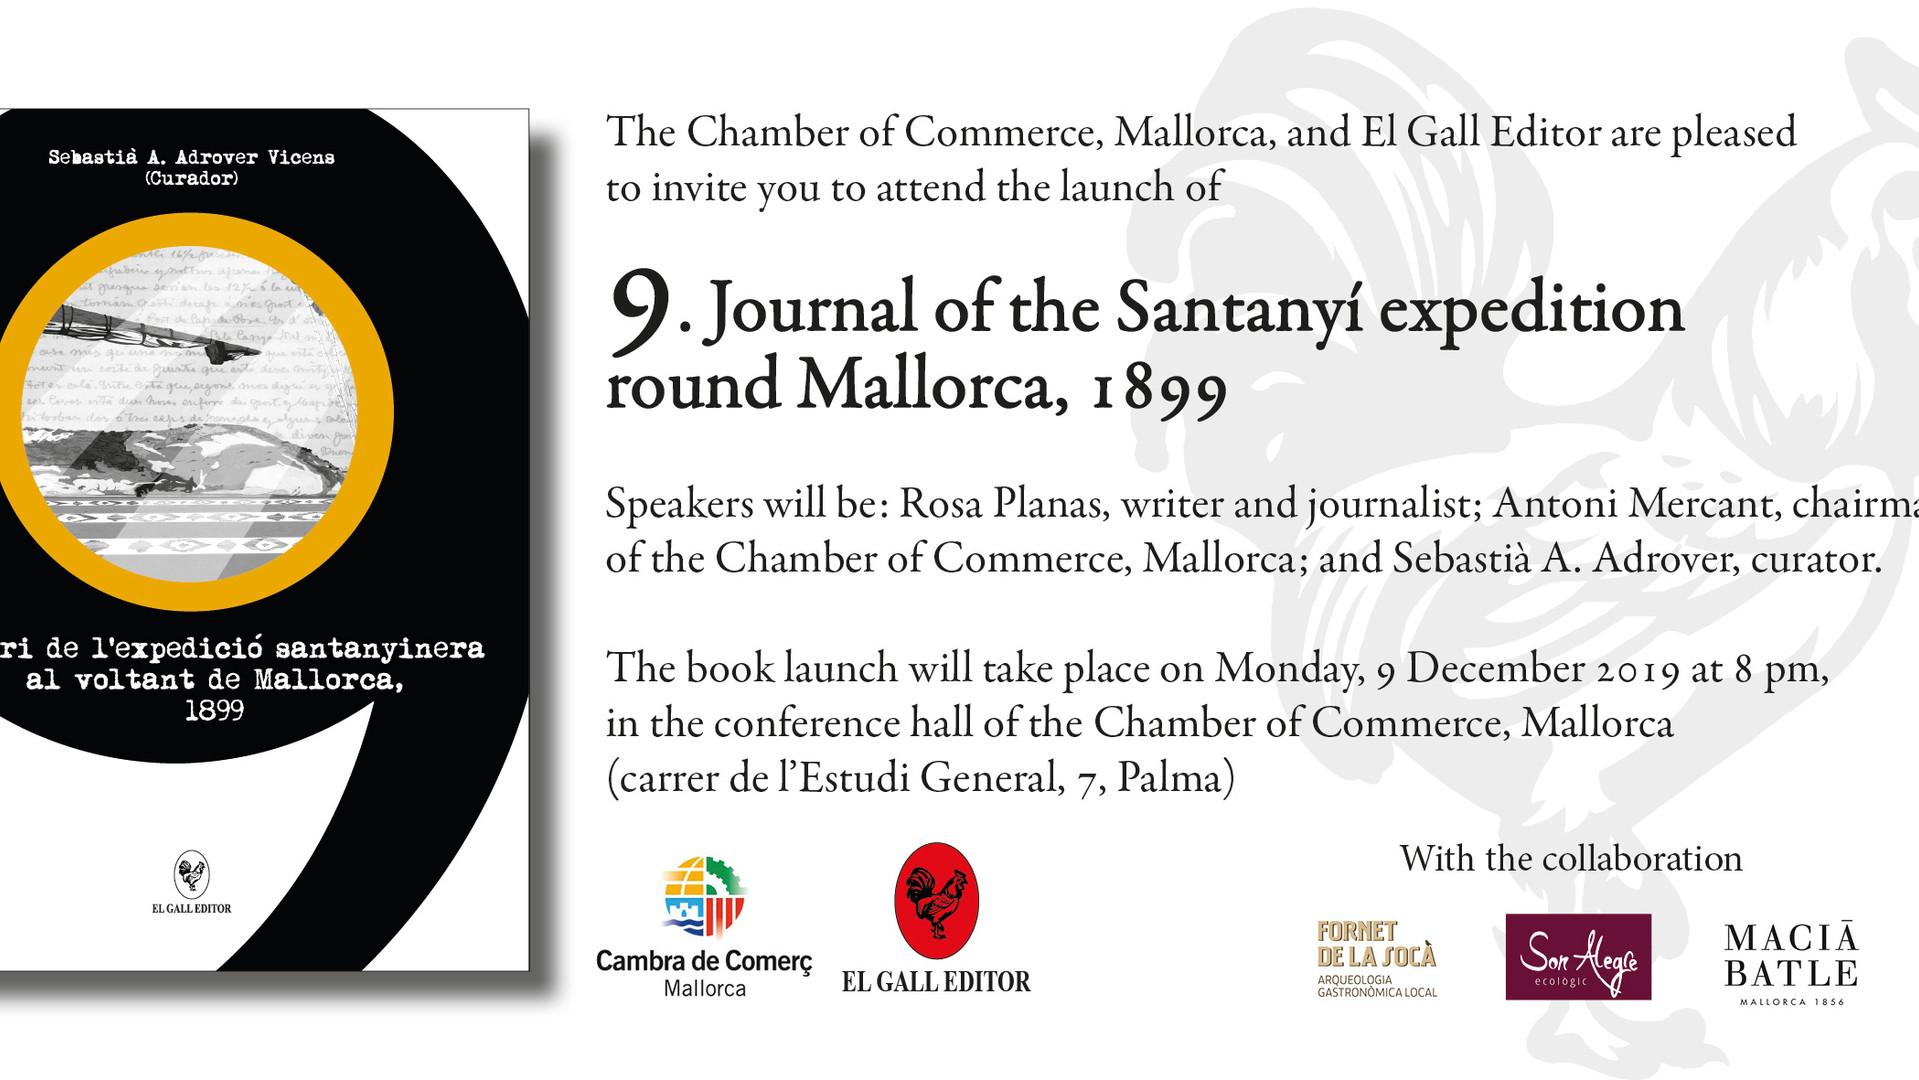 La primera volta a Mallorca en barca, a Dies i Coses, nº 193 novembre-desembre 2019.